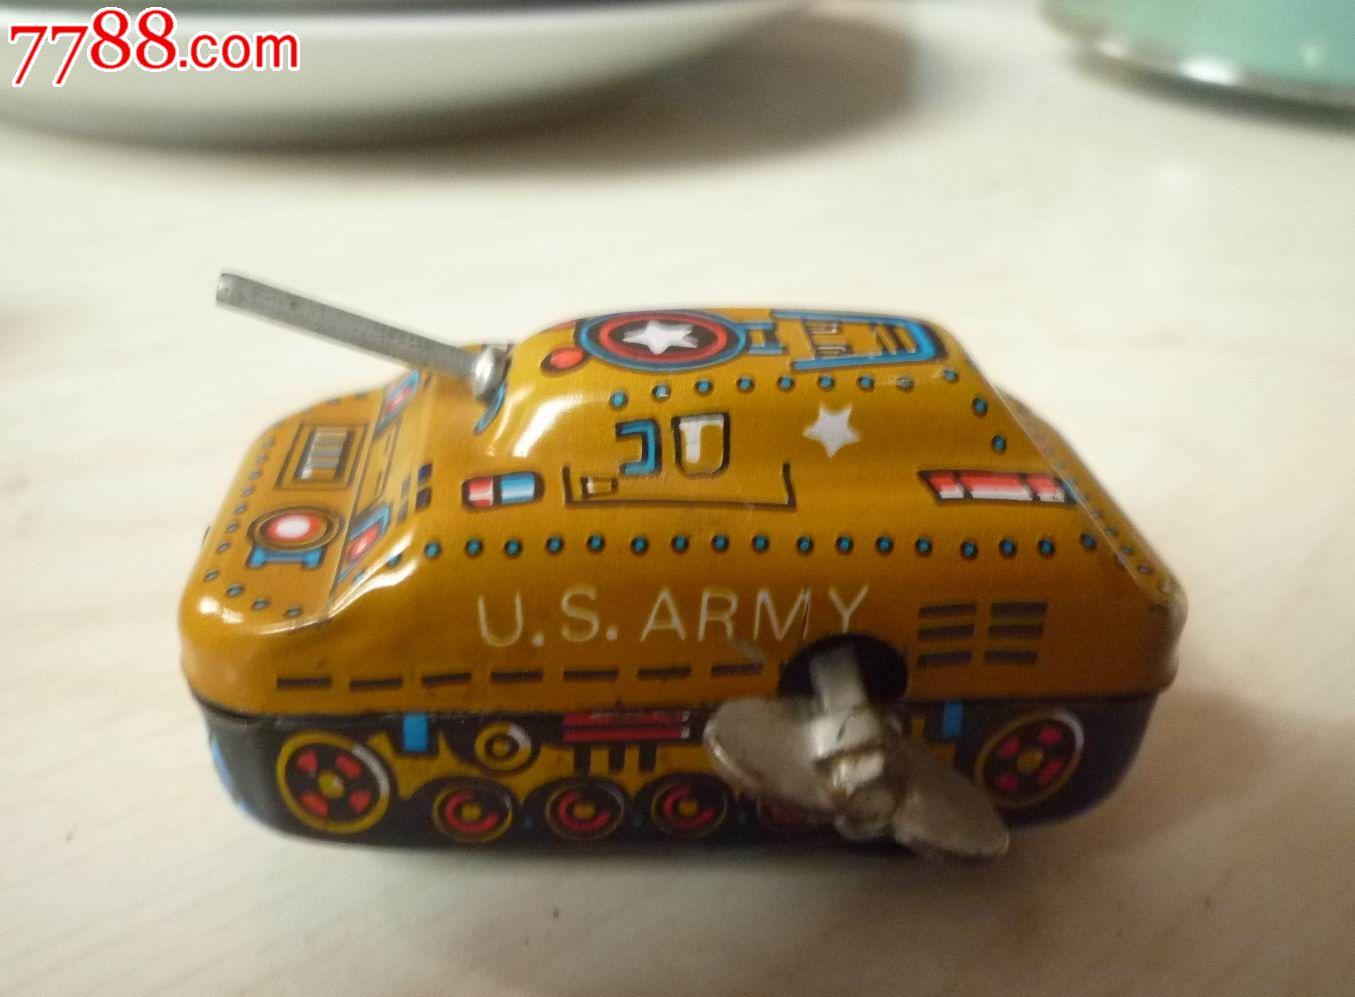 经典的黄色小�9`��l$yi���oy�z`���-��_怀旧经典收藏文革ms262黄色迷你铁皮发条小坦克玩具